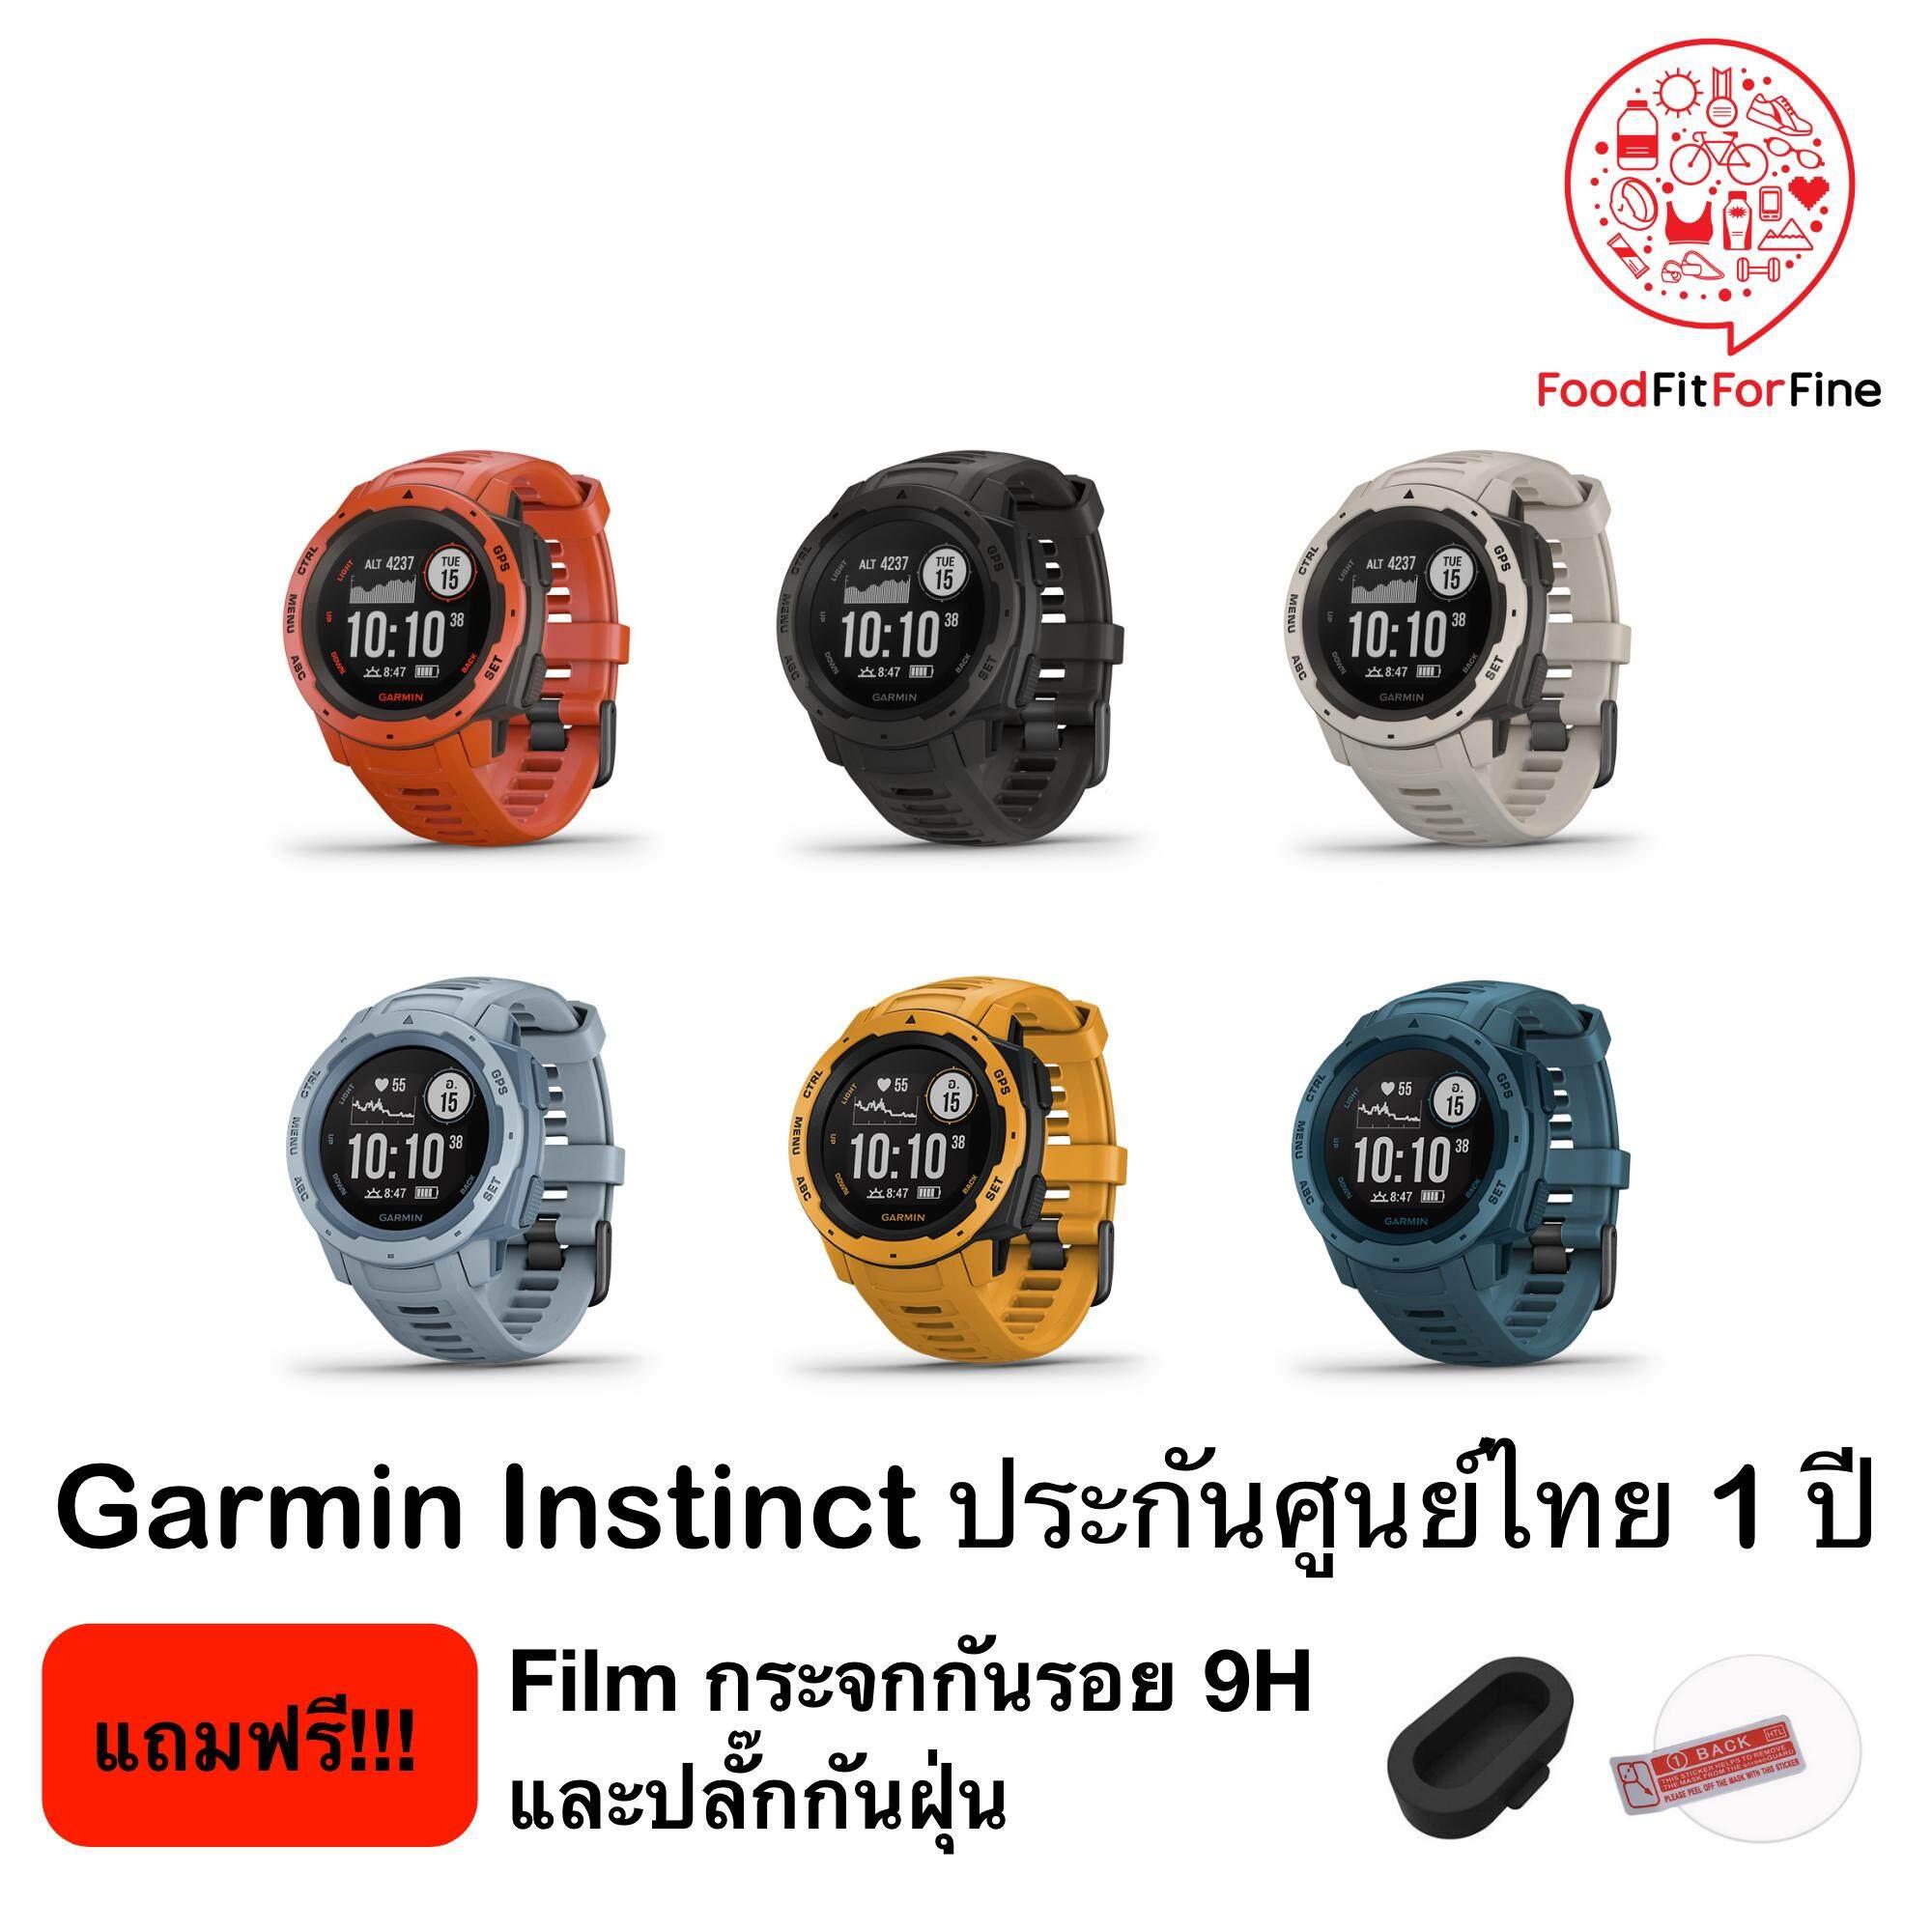 การใช้งาน  อุทัยธานี Garmin Instinct ประกันศูนย์ไทย 1 ปี แถมฟรี ปลั๊กกันฝุ่น และ Film กันรอยกระจก 9H